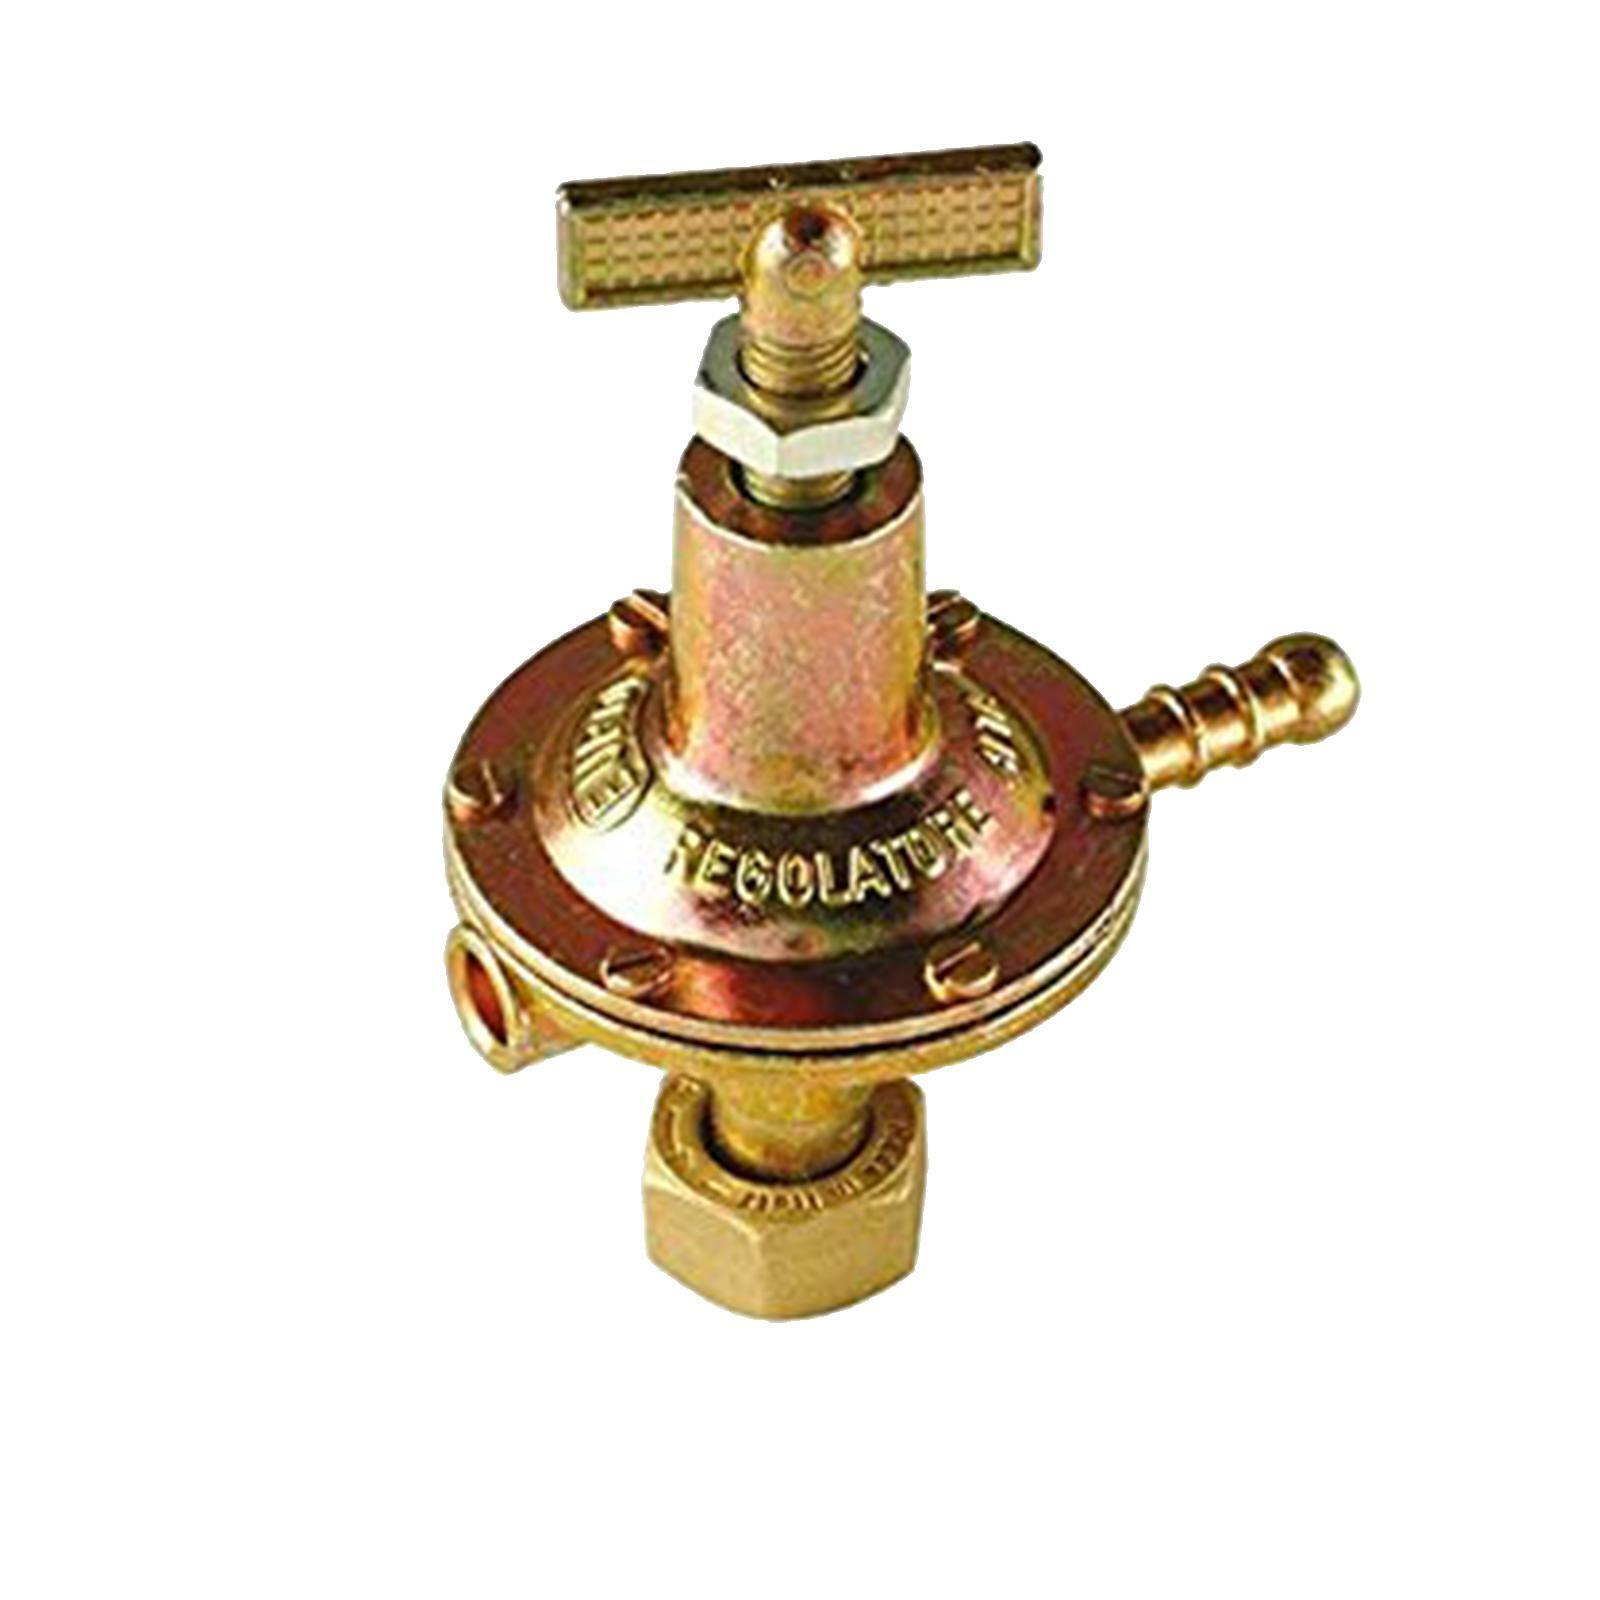 bierre store regolatore gas alta pressione professionale 0-4 bar